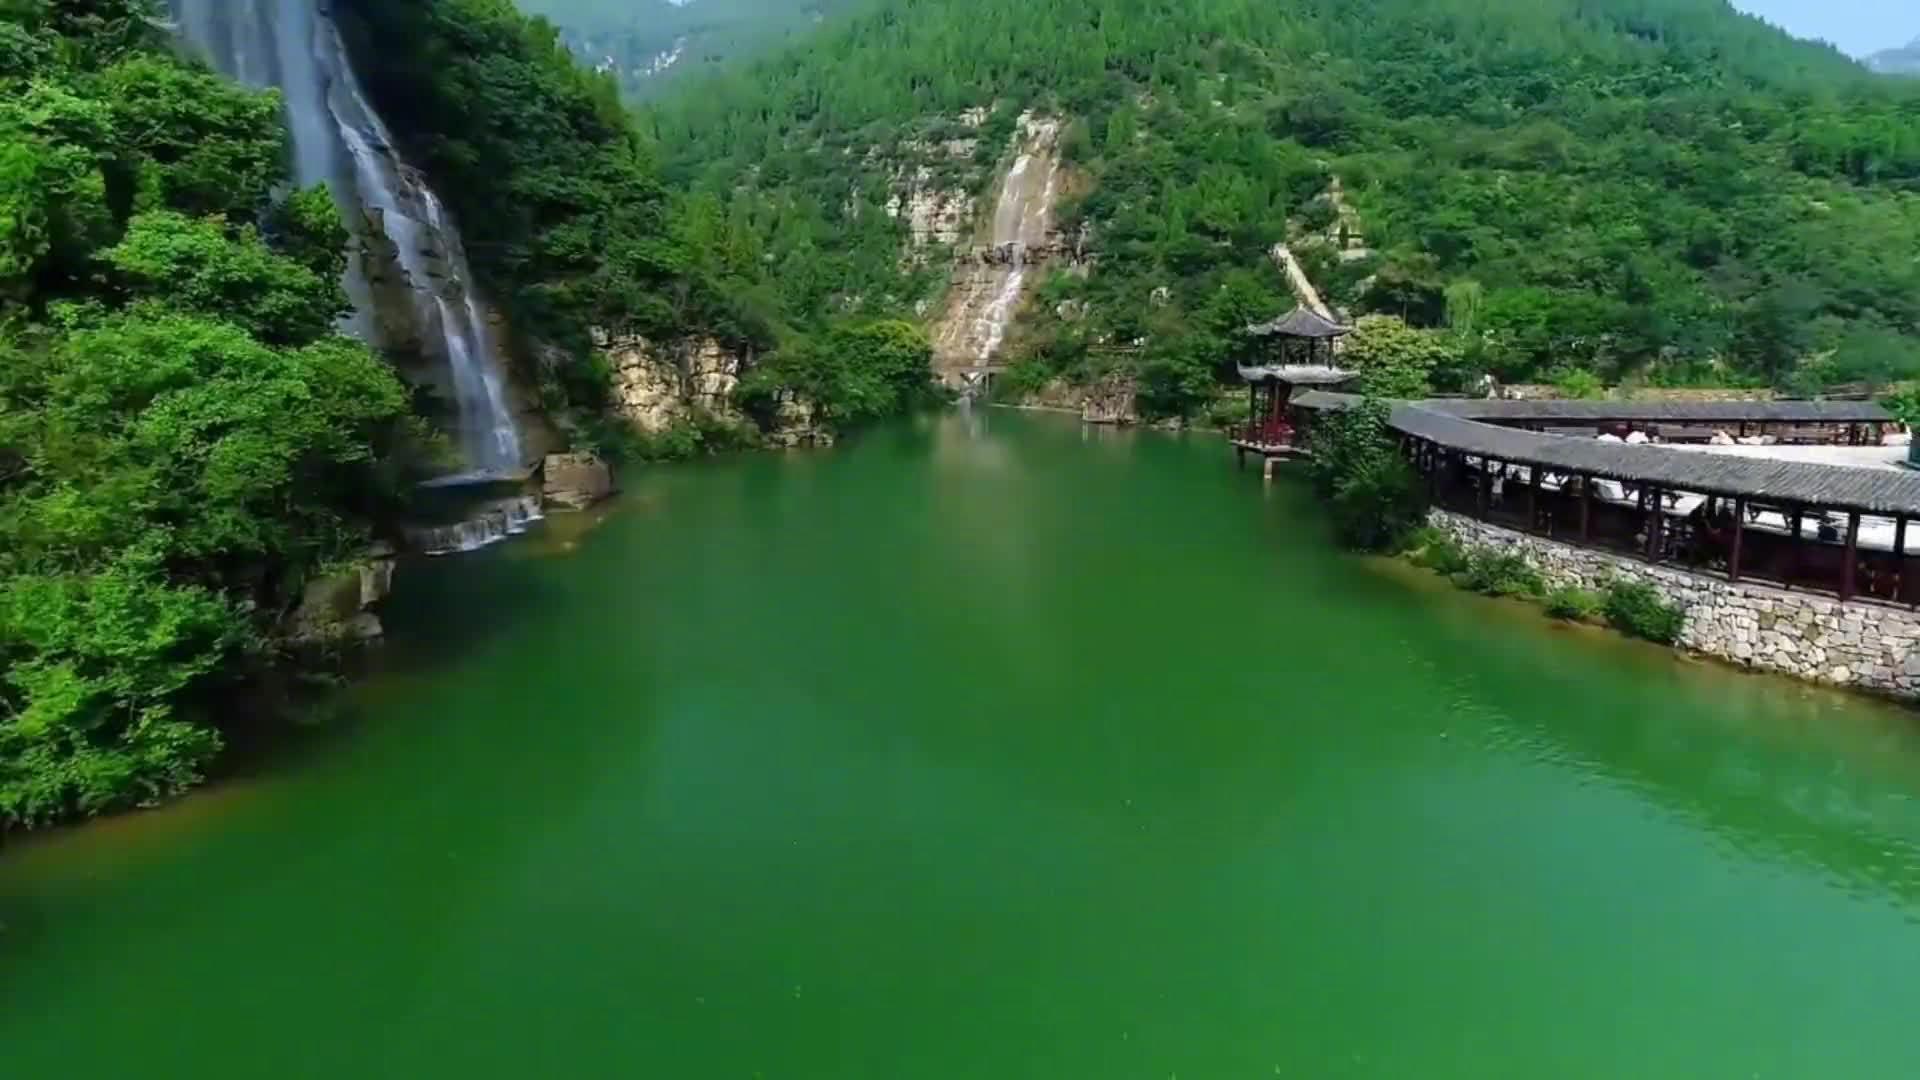 青州黄花溪区内群峰围合,一谷通幽,有贯天彻地之势;清流汇波……